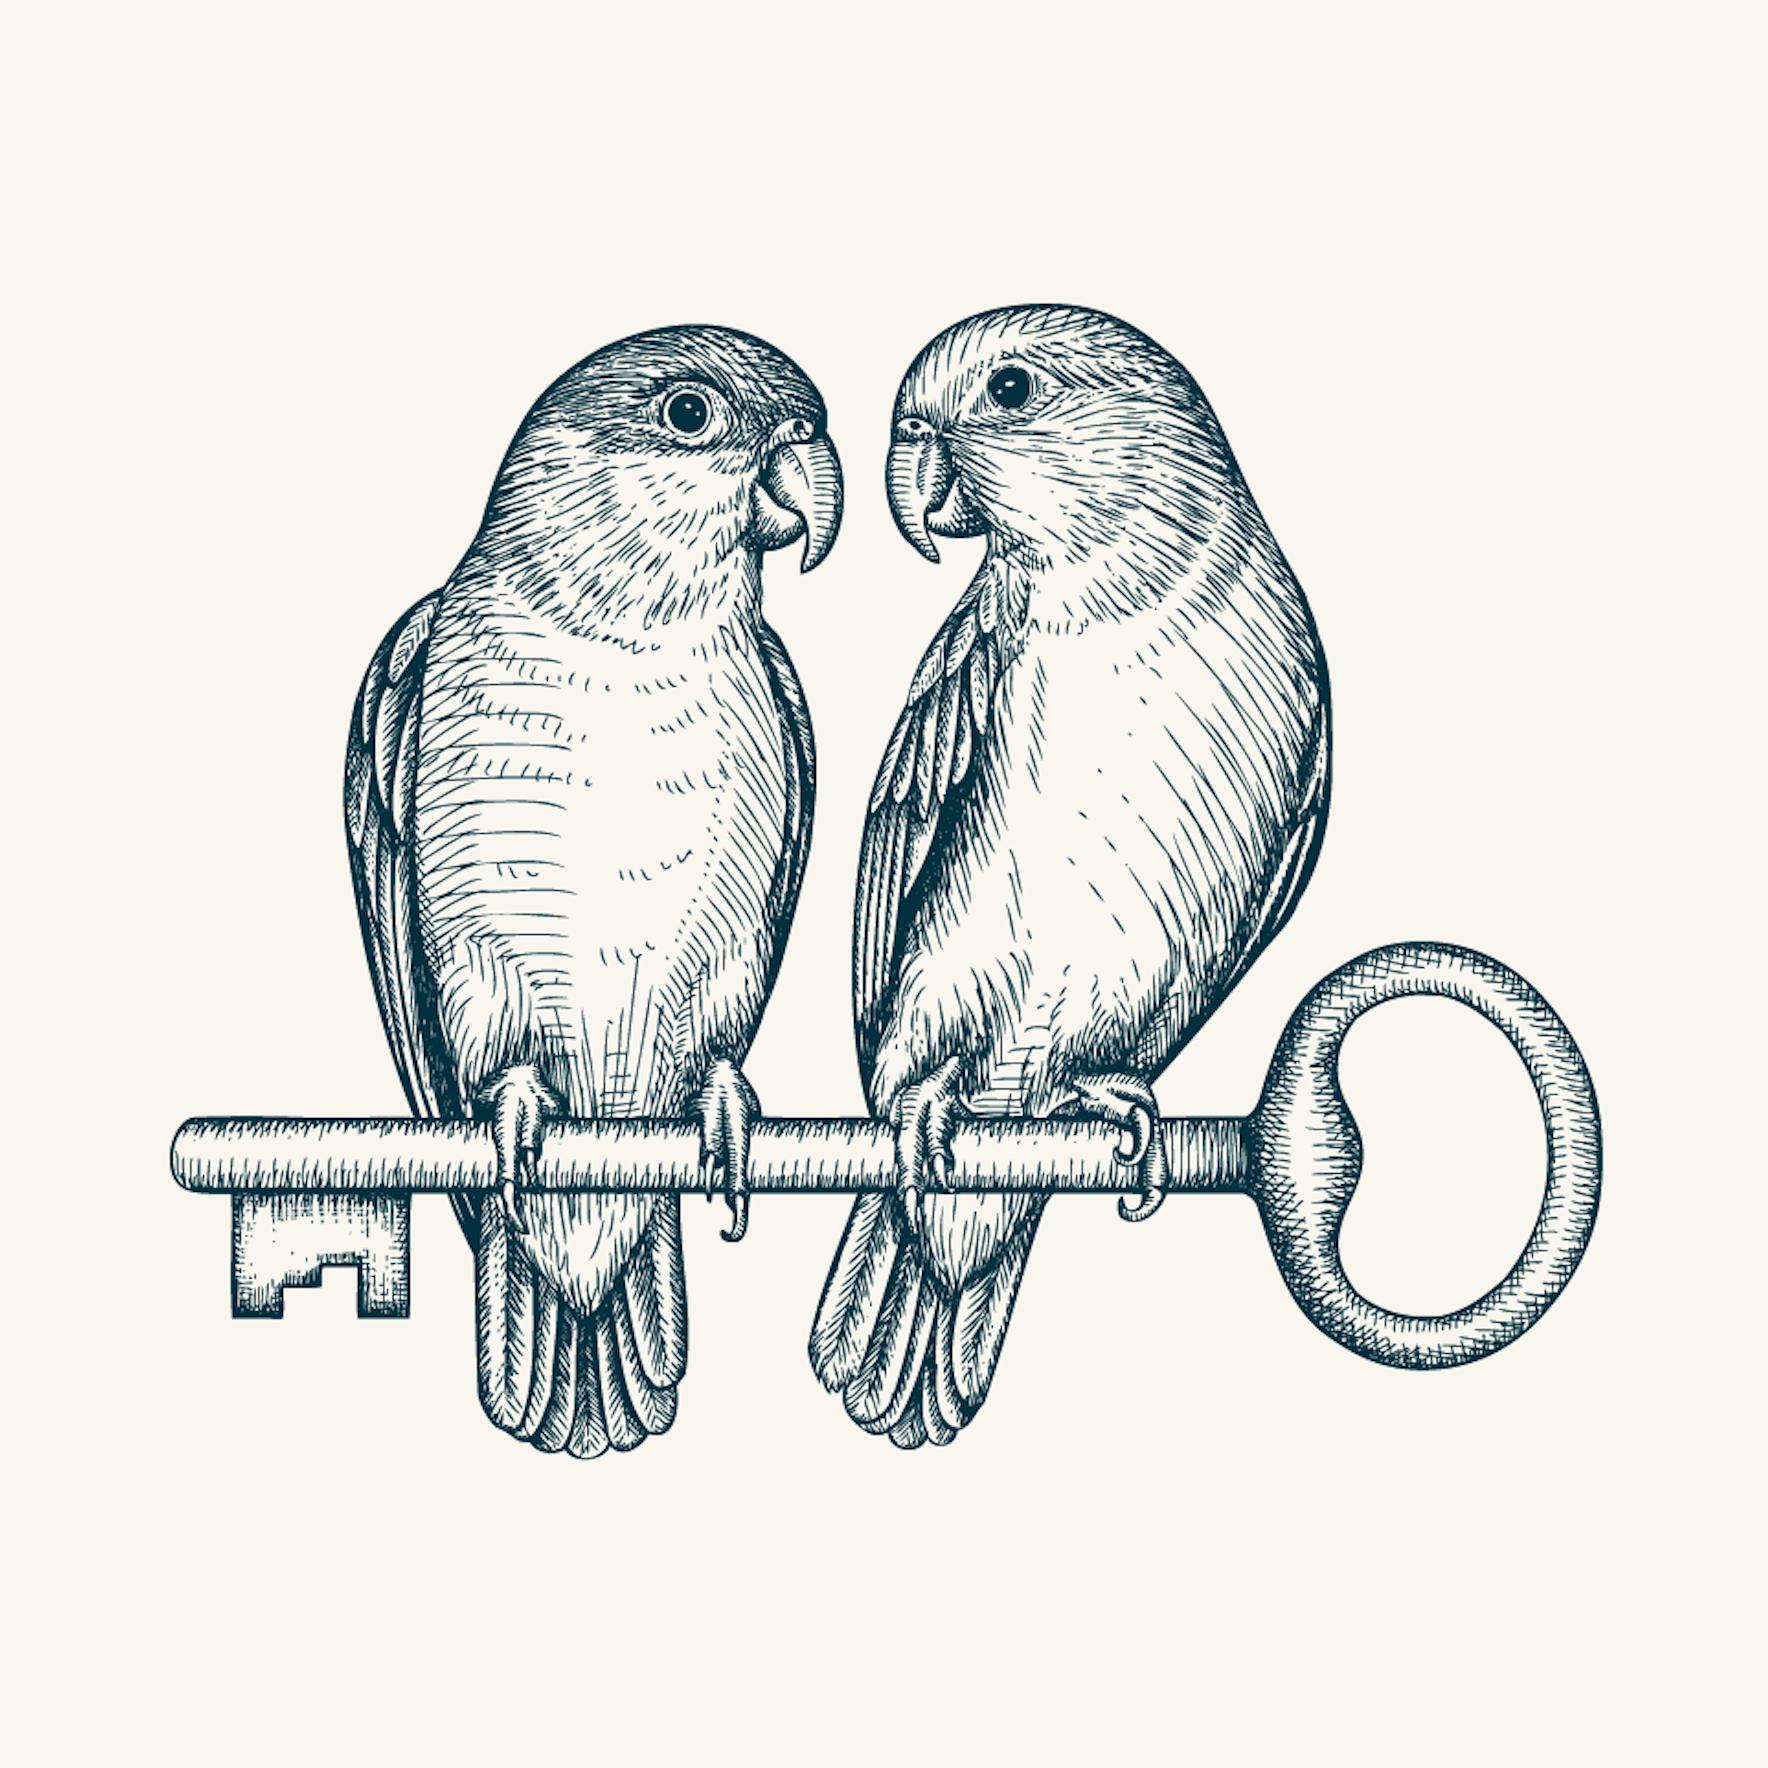 47 wildly inspiring animal logos - 99designs